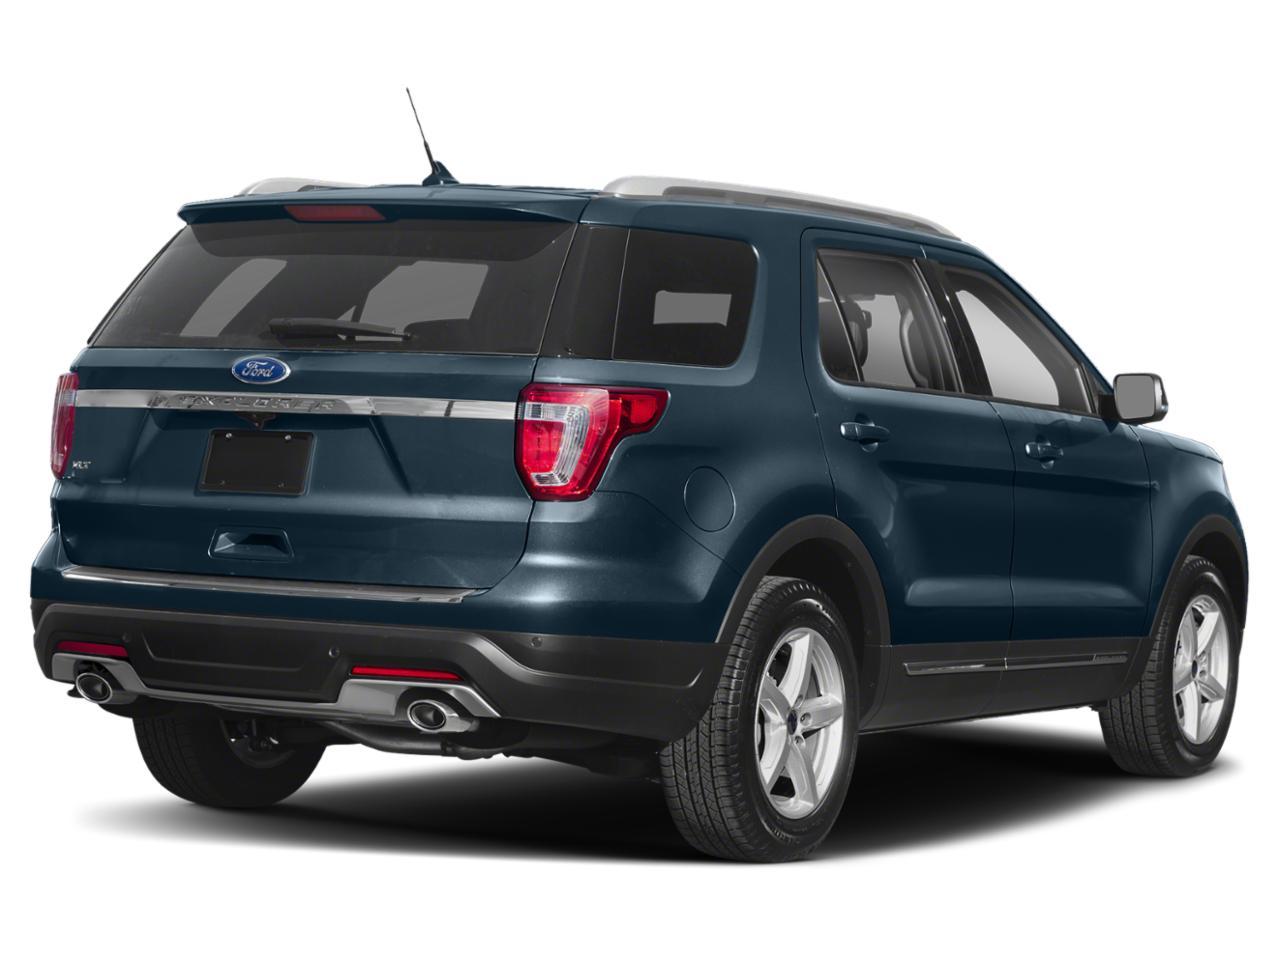 2019 Ford Explorer Chapel Hill NC